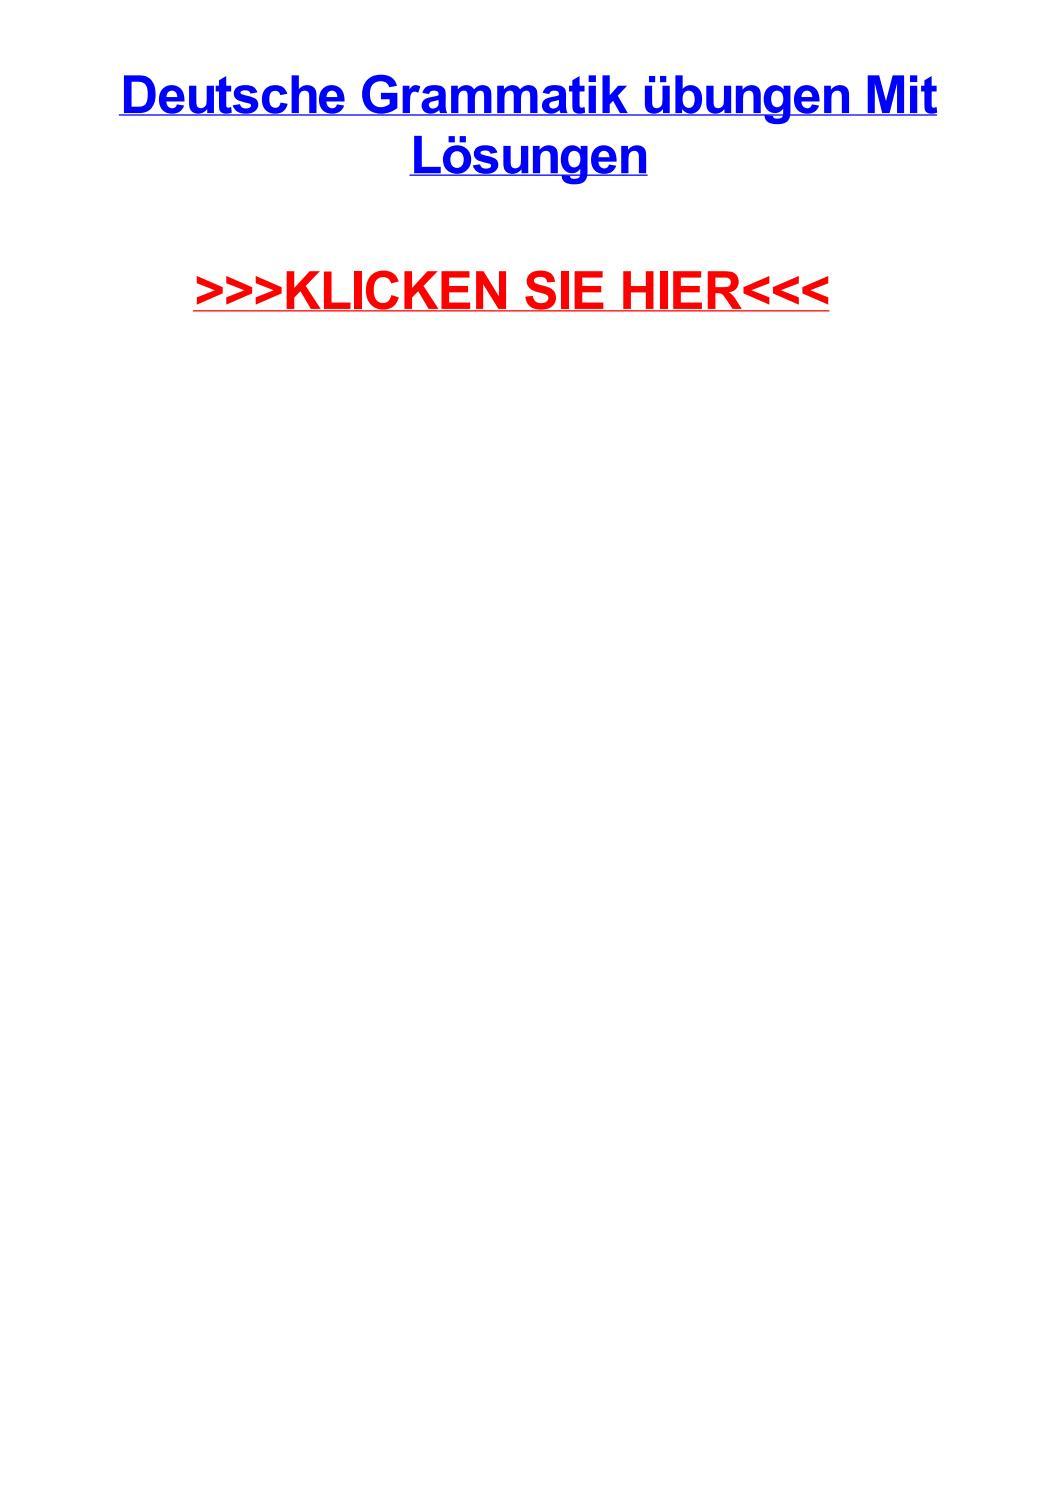 Deutsche grammatik jbungen mit lsungen by aarondskj - issuu